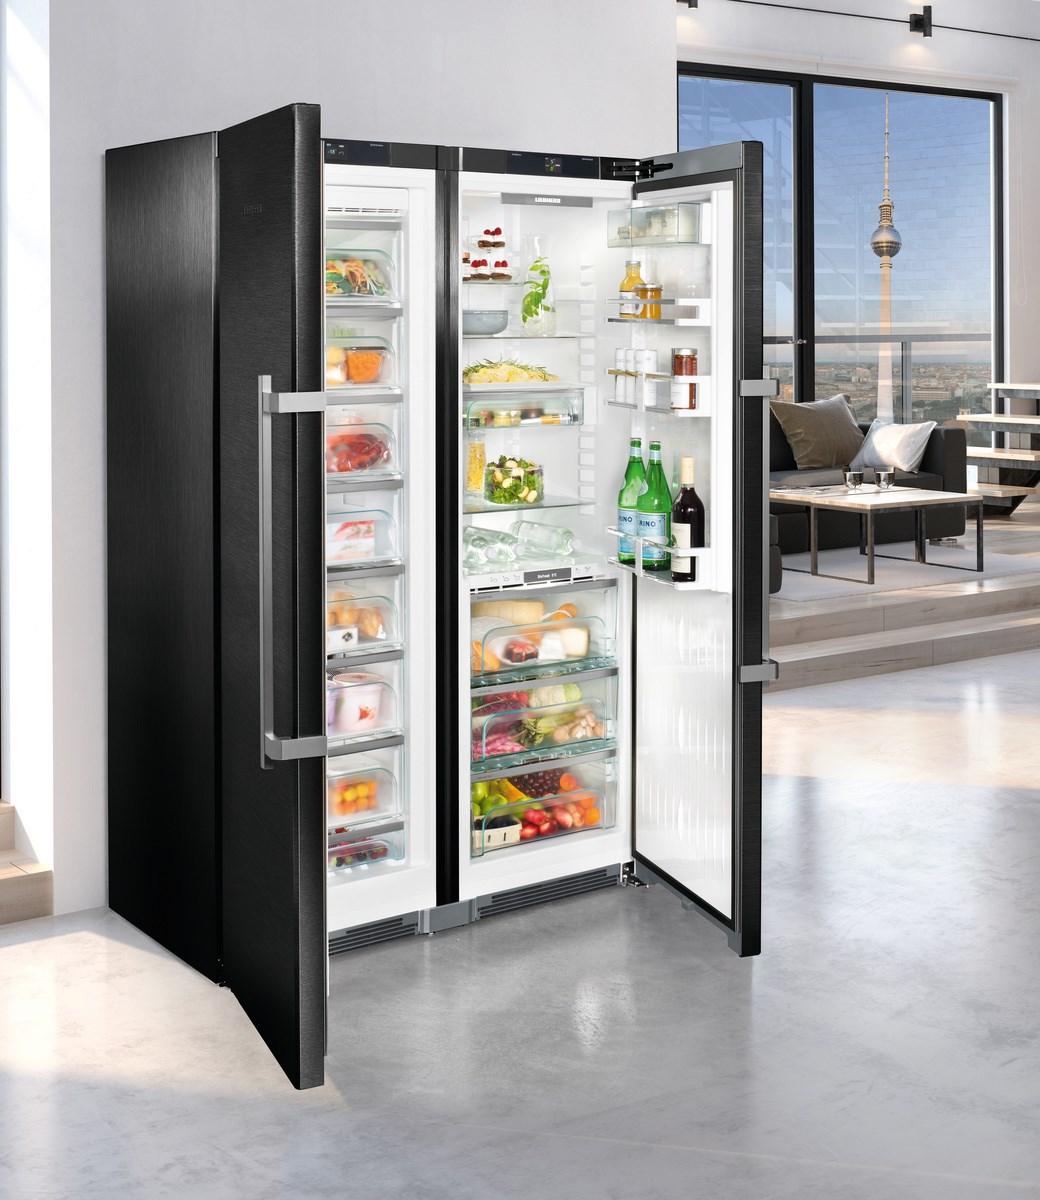 Liebherr Side By Side Kühlschrank Premium Mit Biofresh Und Nofrost